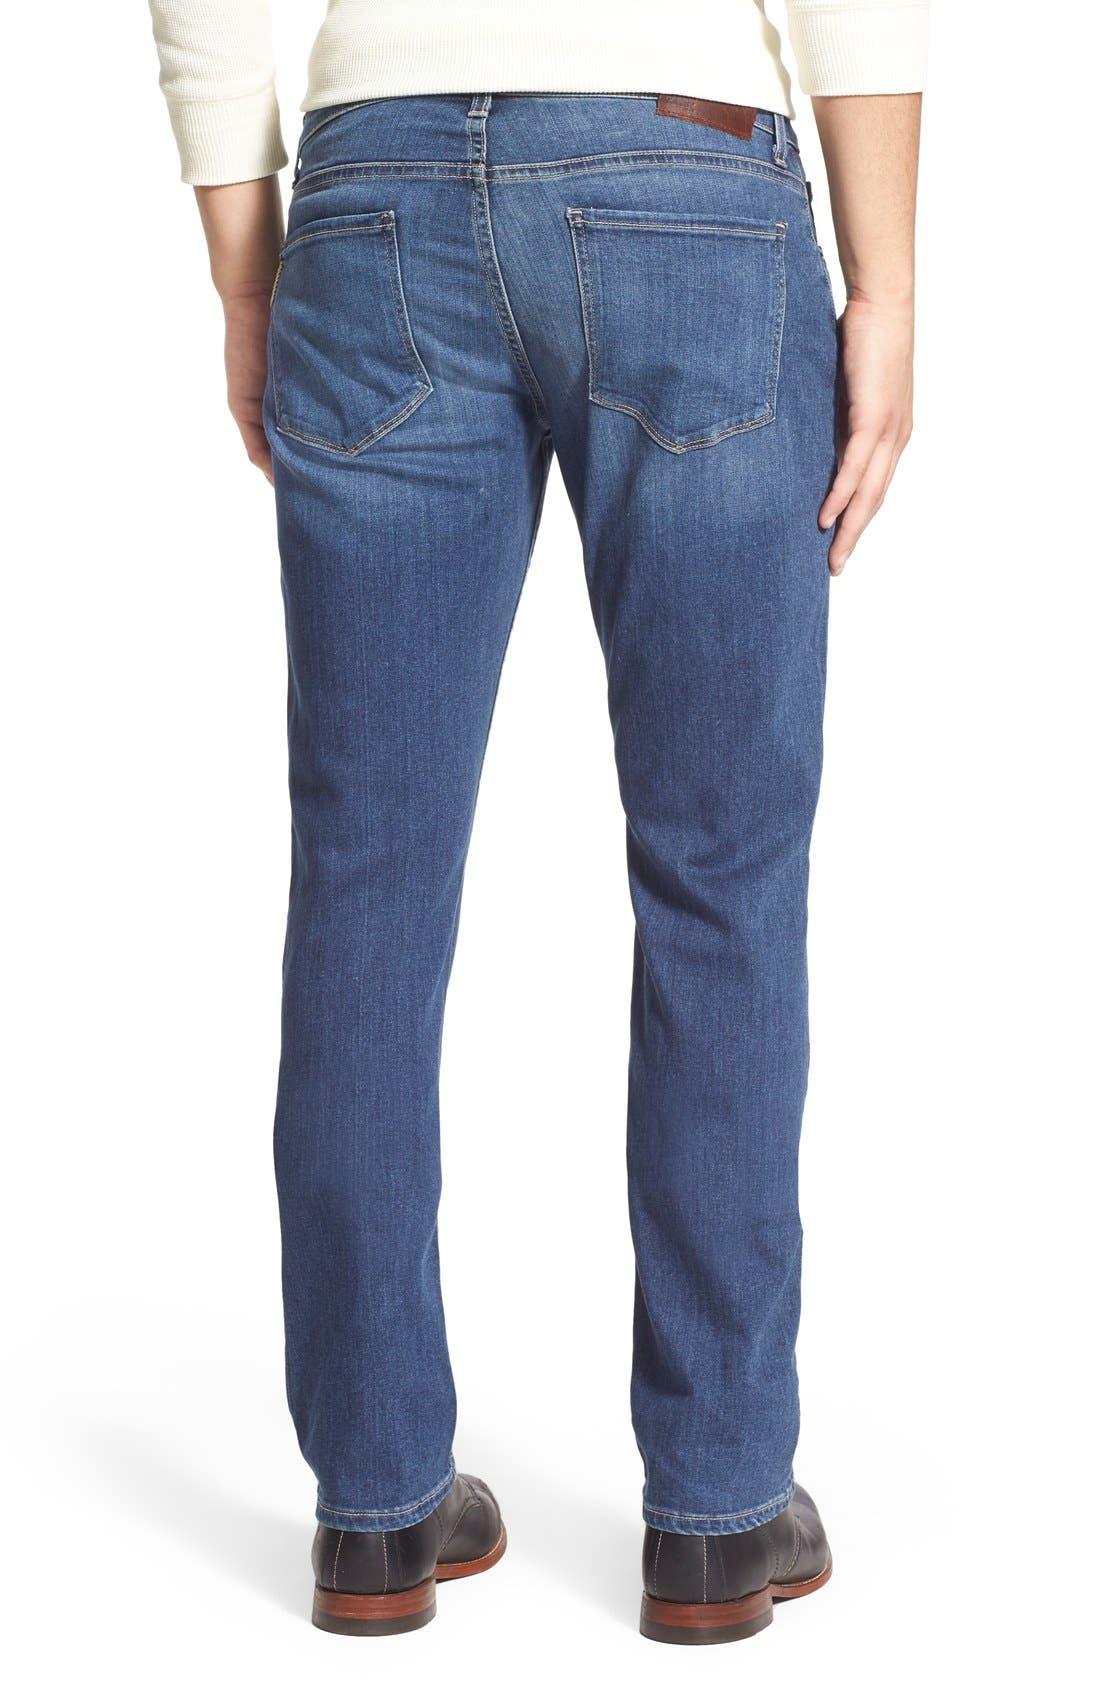 Transcend - Lennox Straight Leg Jeans,                             Alternate thumbnail 2, color,                             Birch